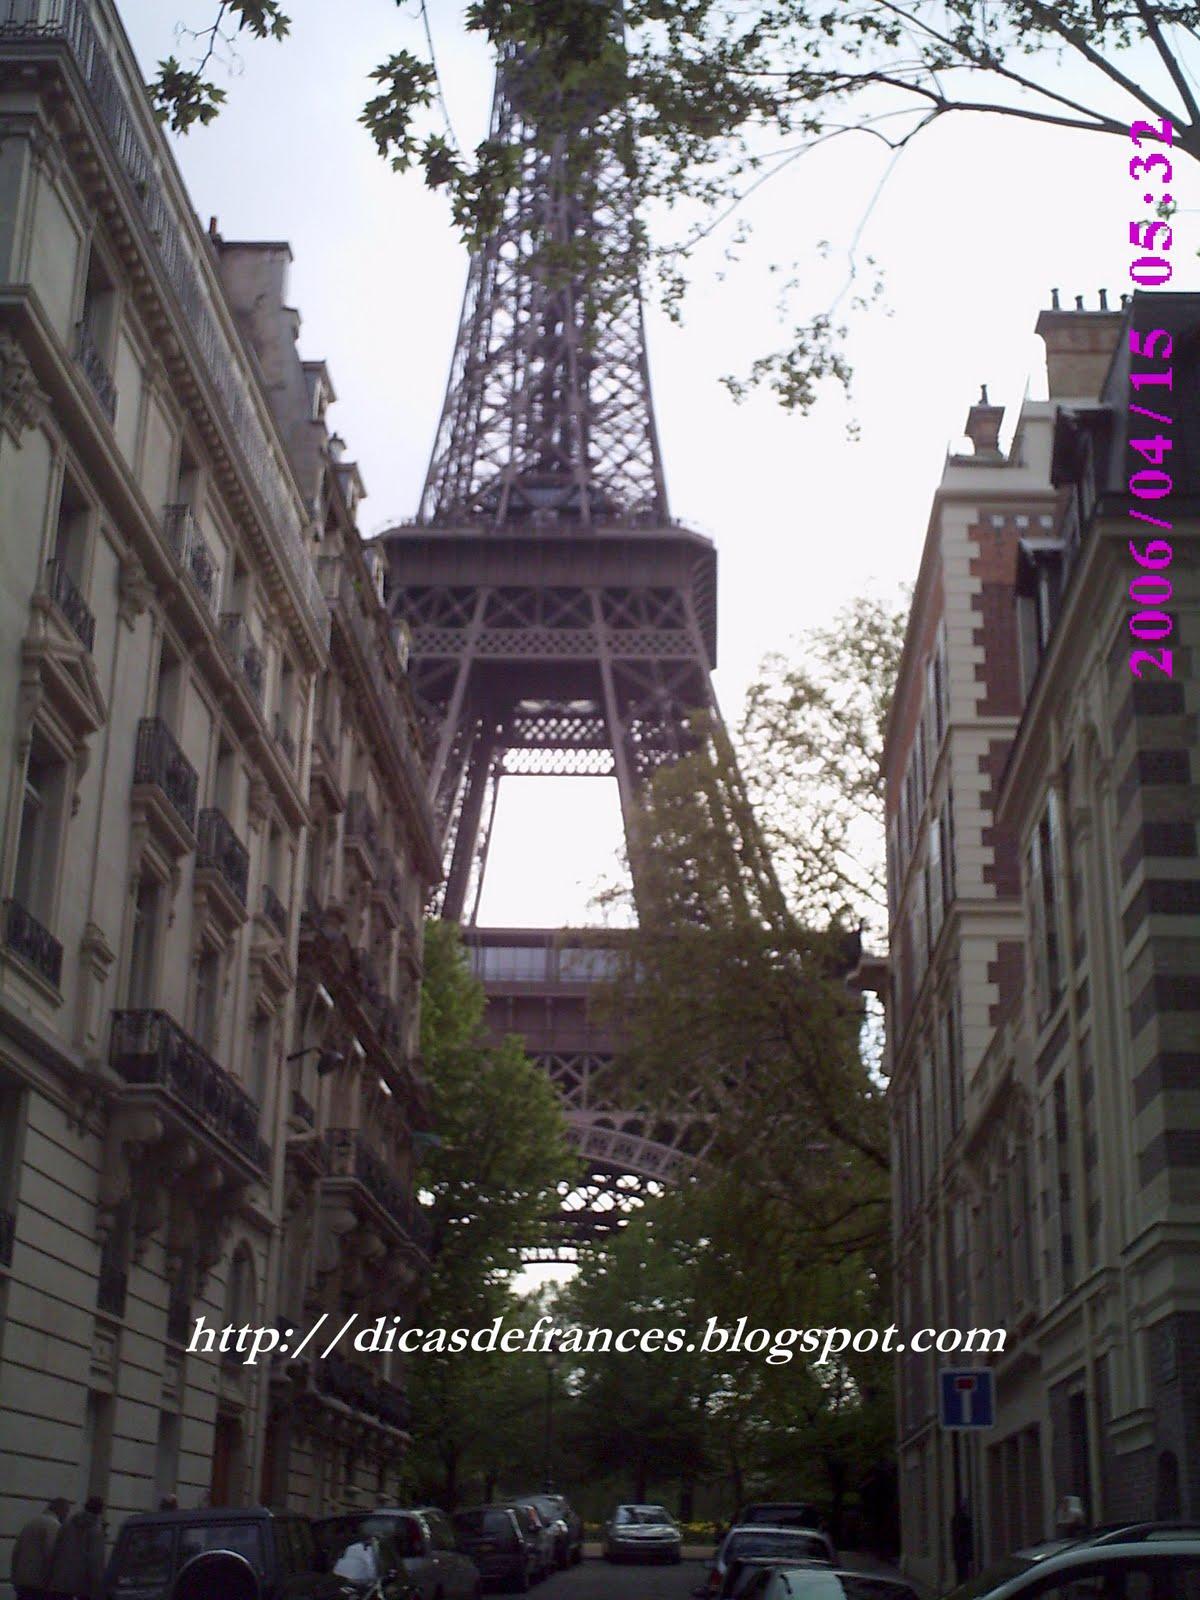 http://2.bp.blogspot.com/_jiWMIBWn_og/TIQyZhuFQqI/AAAAAAAAC4c/hIK_ISKdqks/s1600/tour+eiffel2.jpg